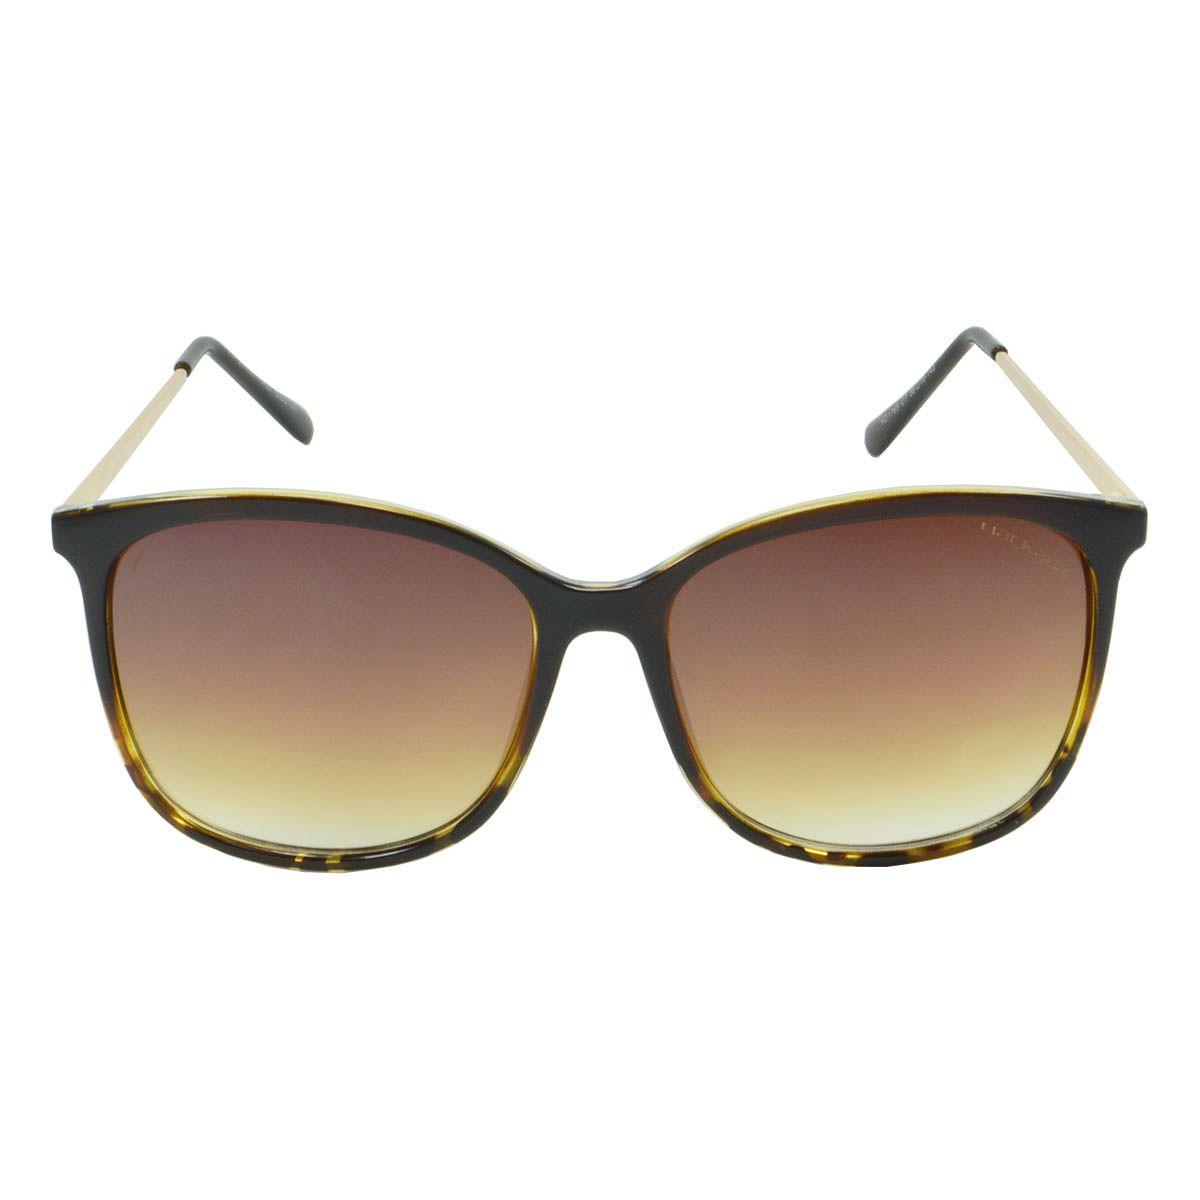 Óculos de Sol Feminino Mackage MK2067 Marrom Tarta